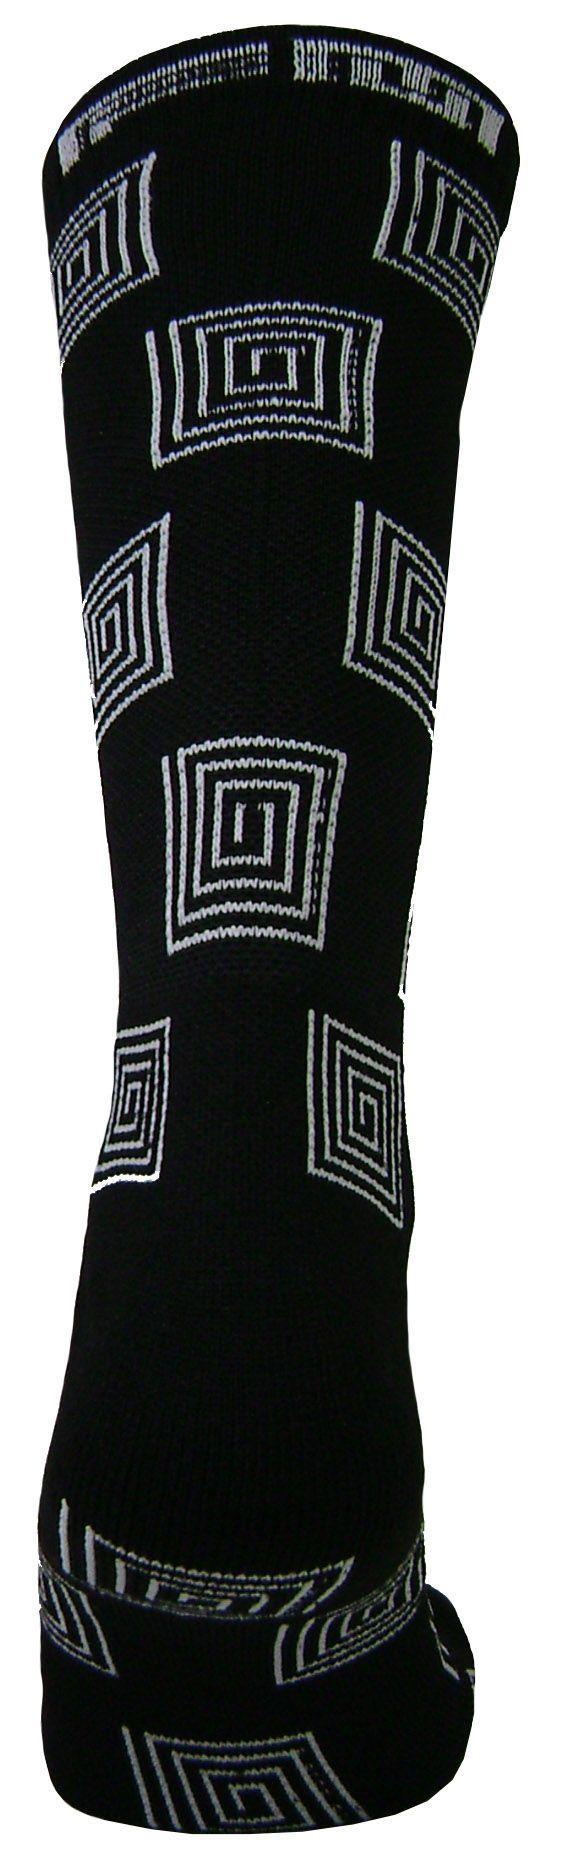 Par de meia Compressão cano médio  - Espiral preto com branco